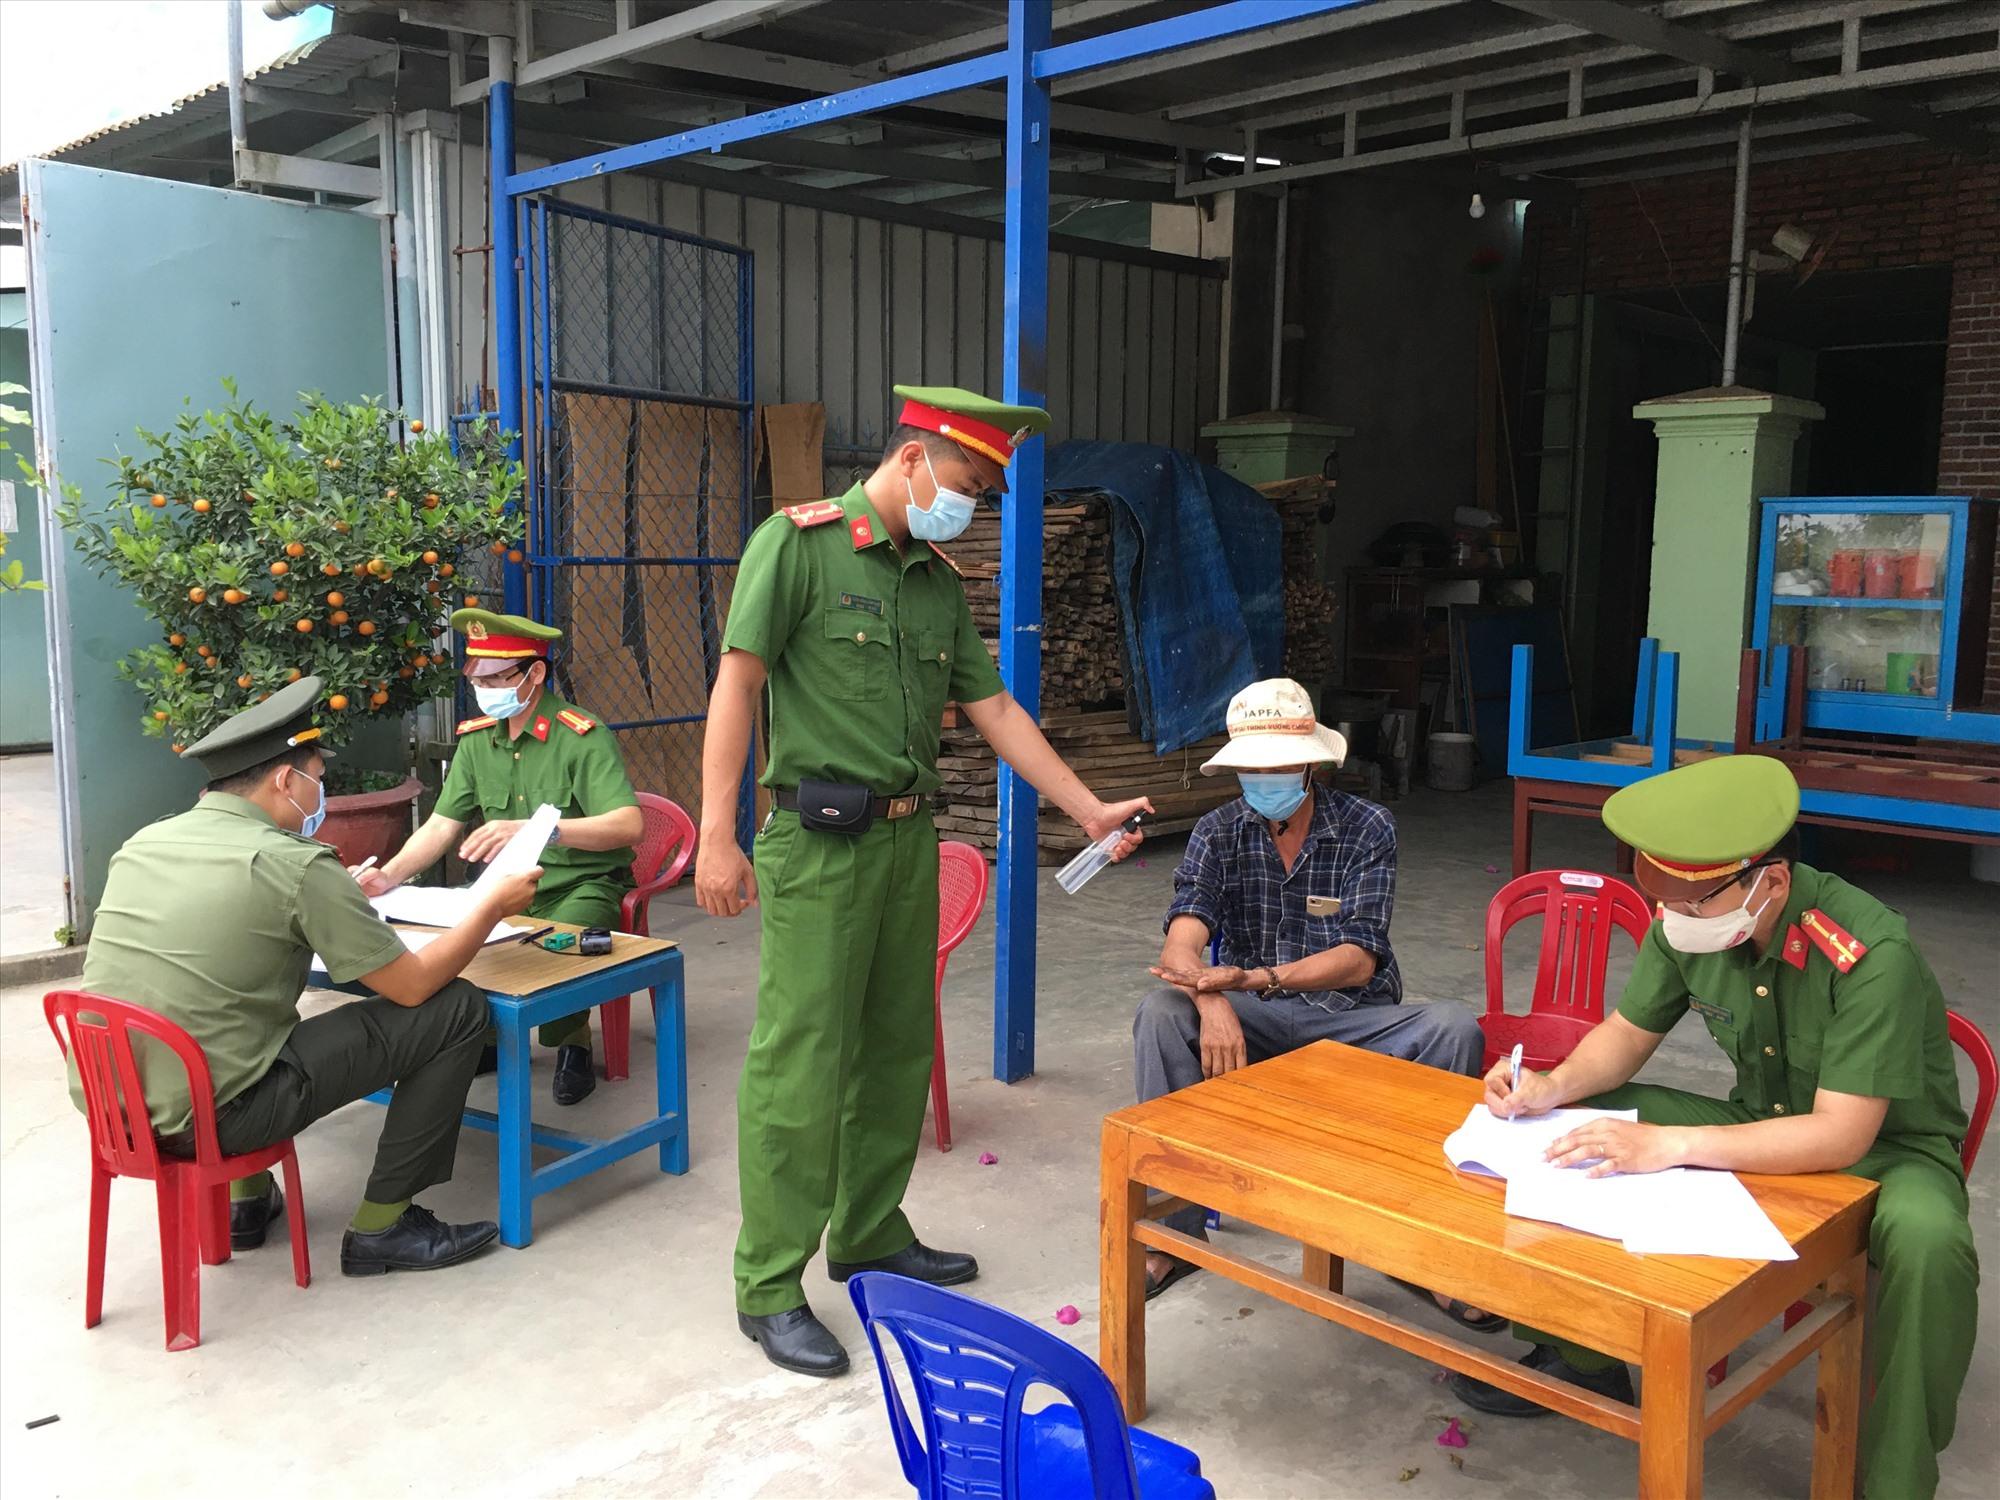 Công an huyện Phú Ninh lập biên bản xử phạt người vi phạm quy định đeo khẩu trang. Ảnh: H.C